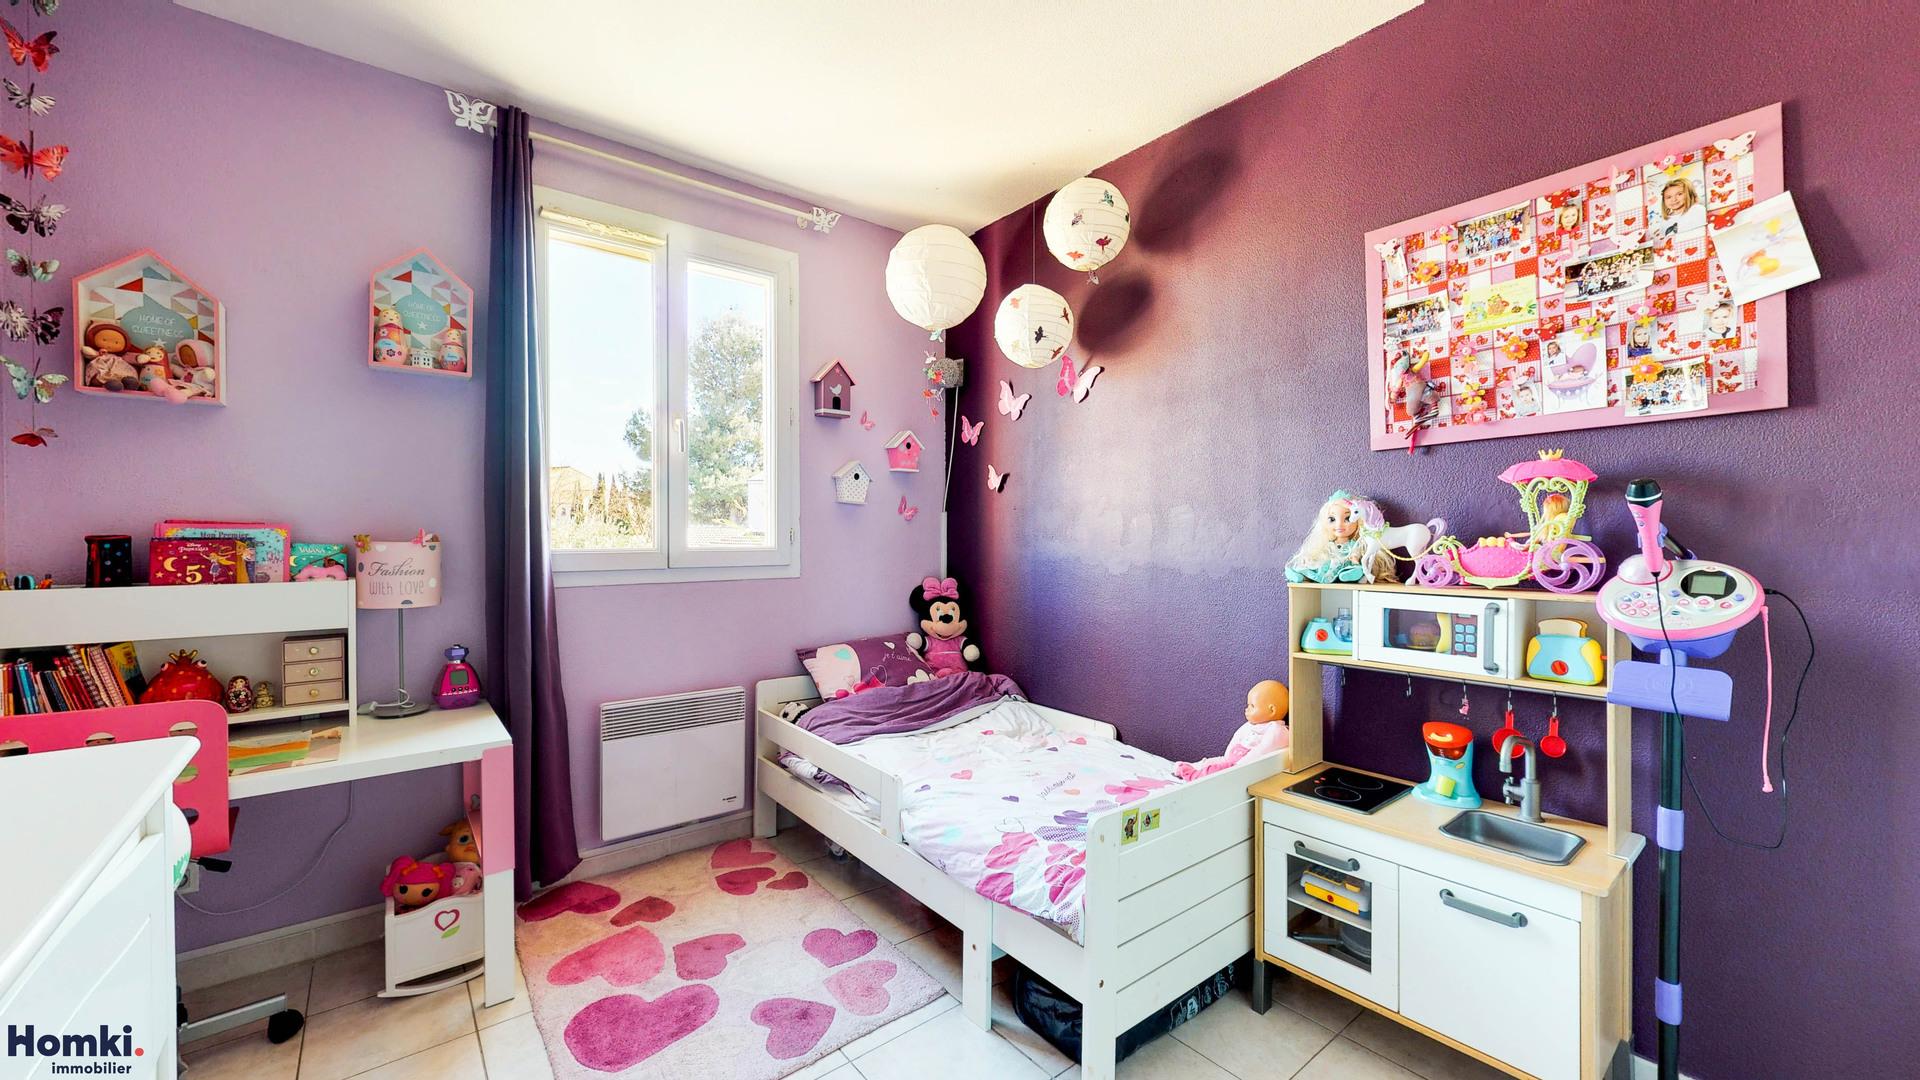 Vente Maison 80 m² T4 13127_10